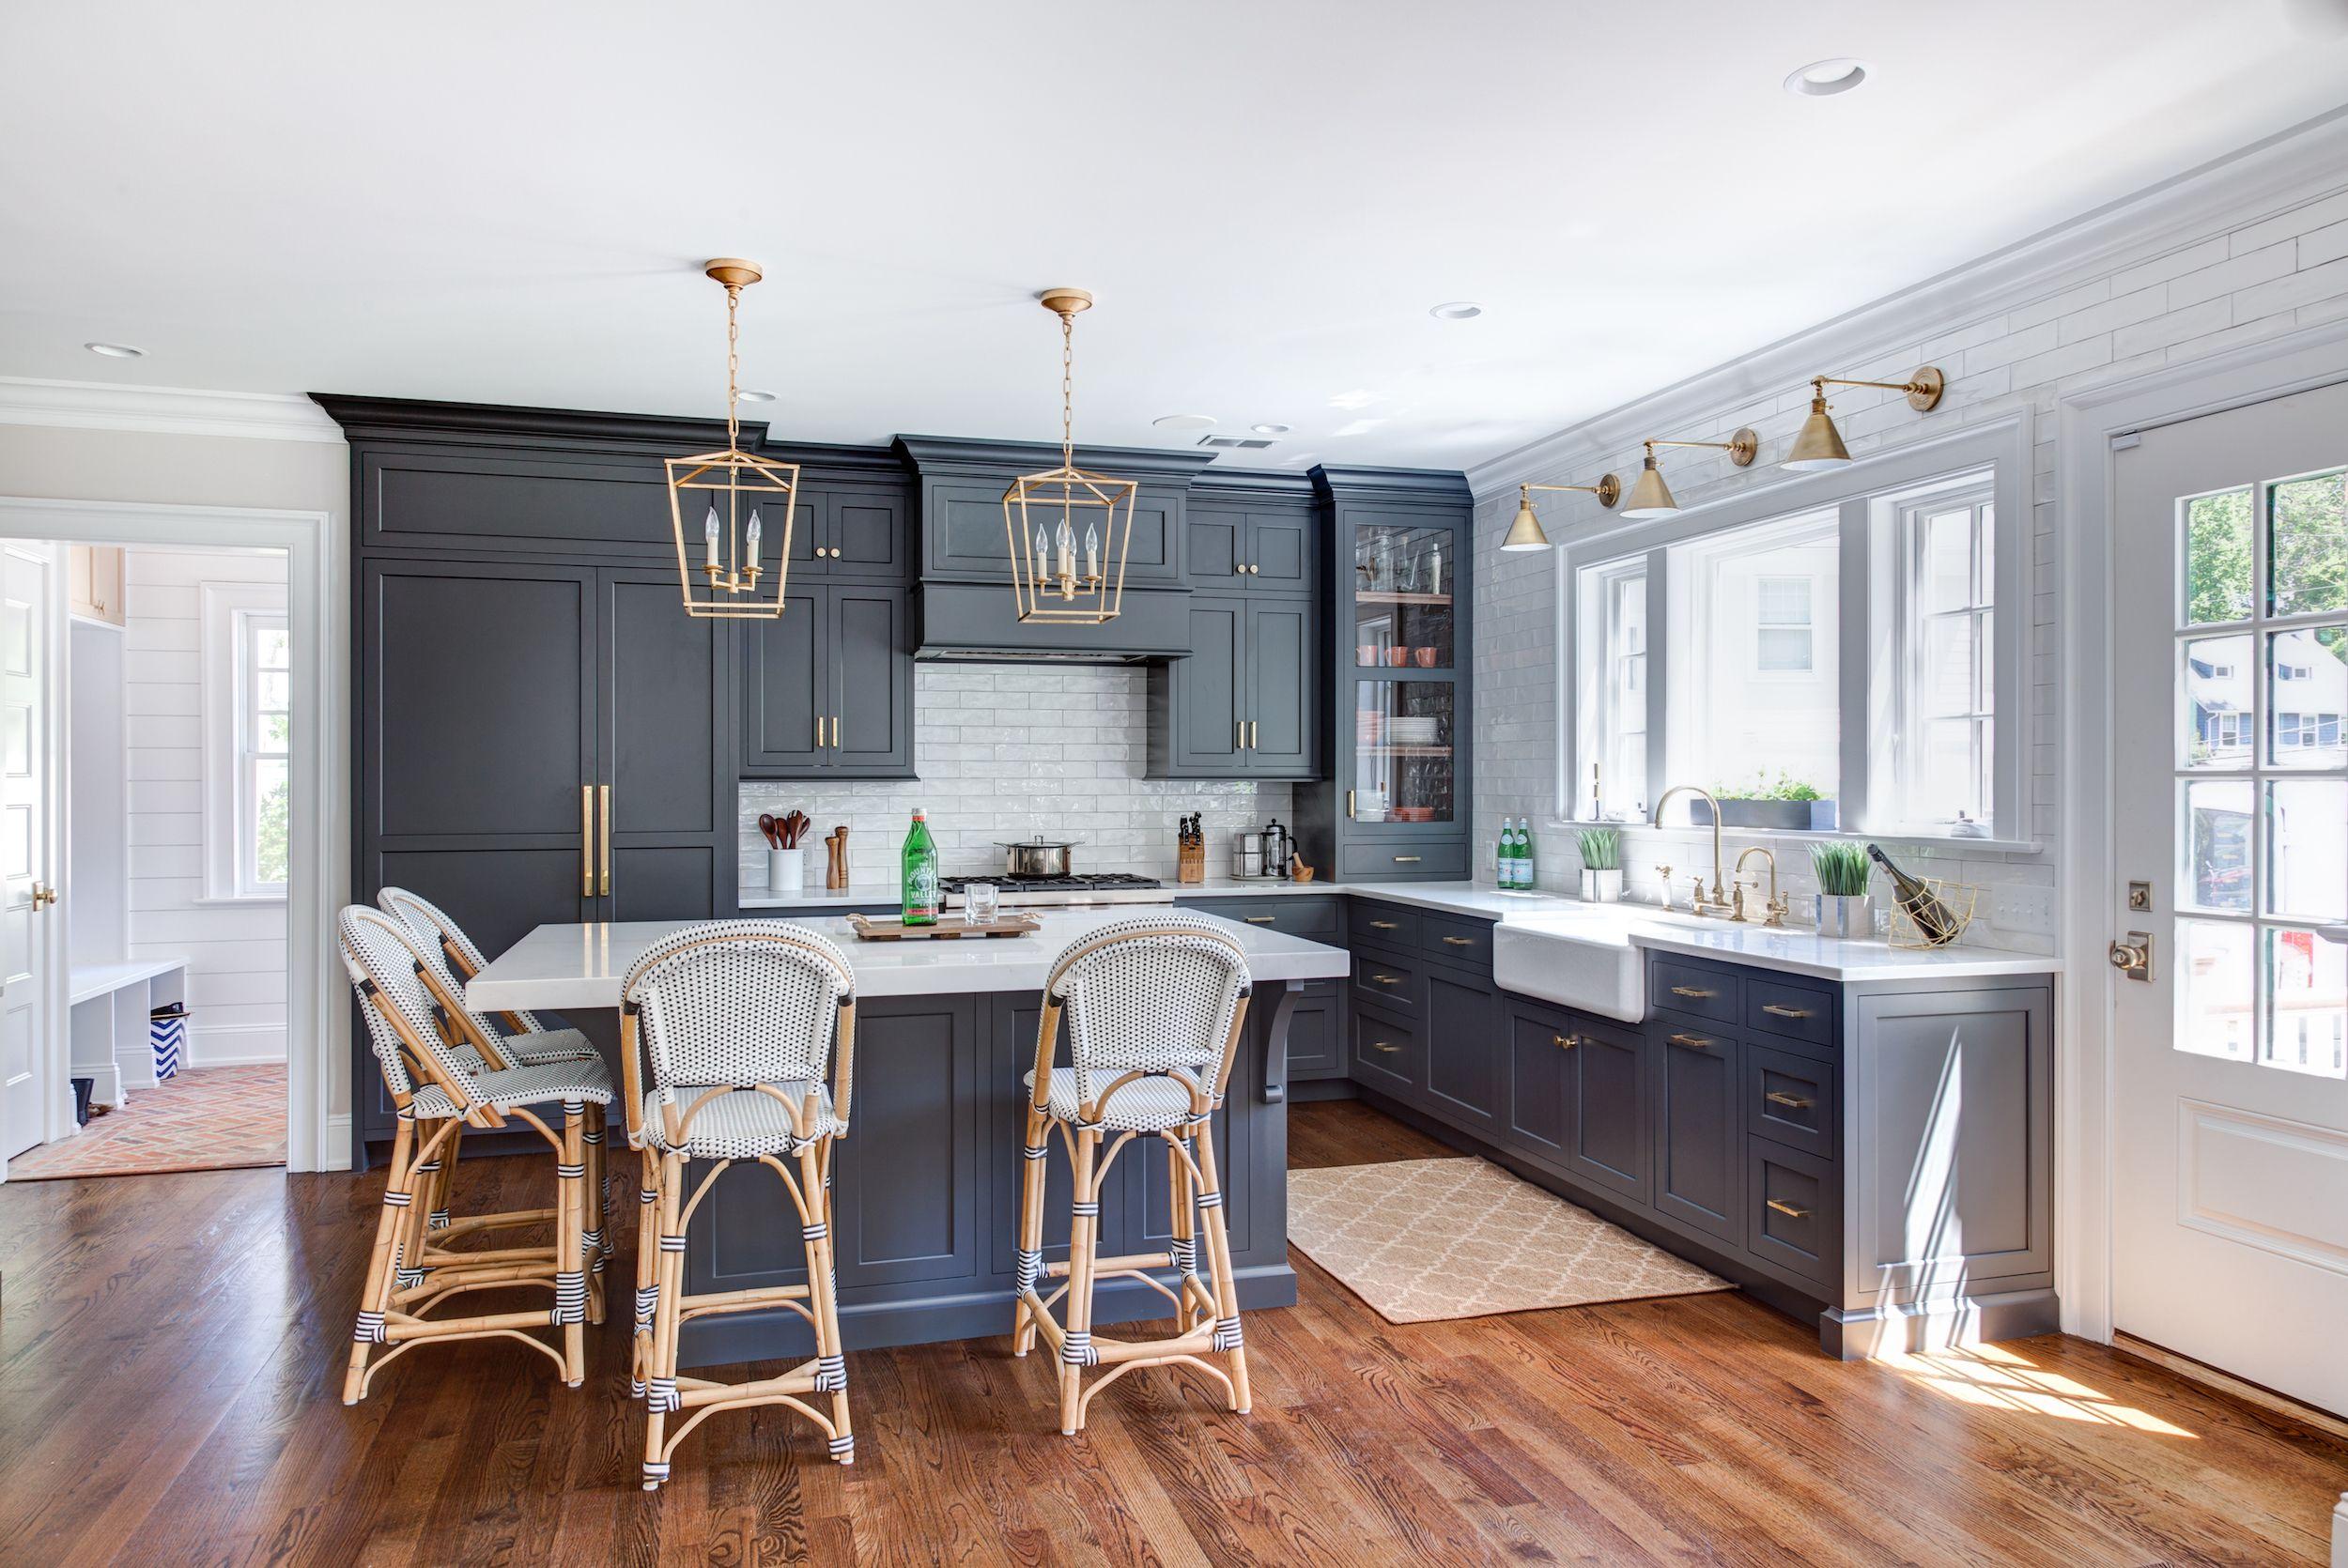 ۷ ایده چیدمان آشپزخانه